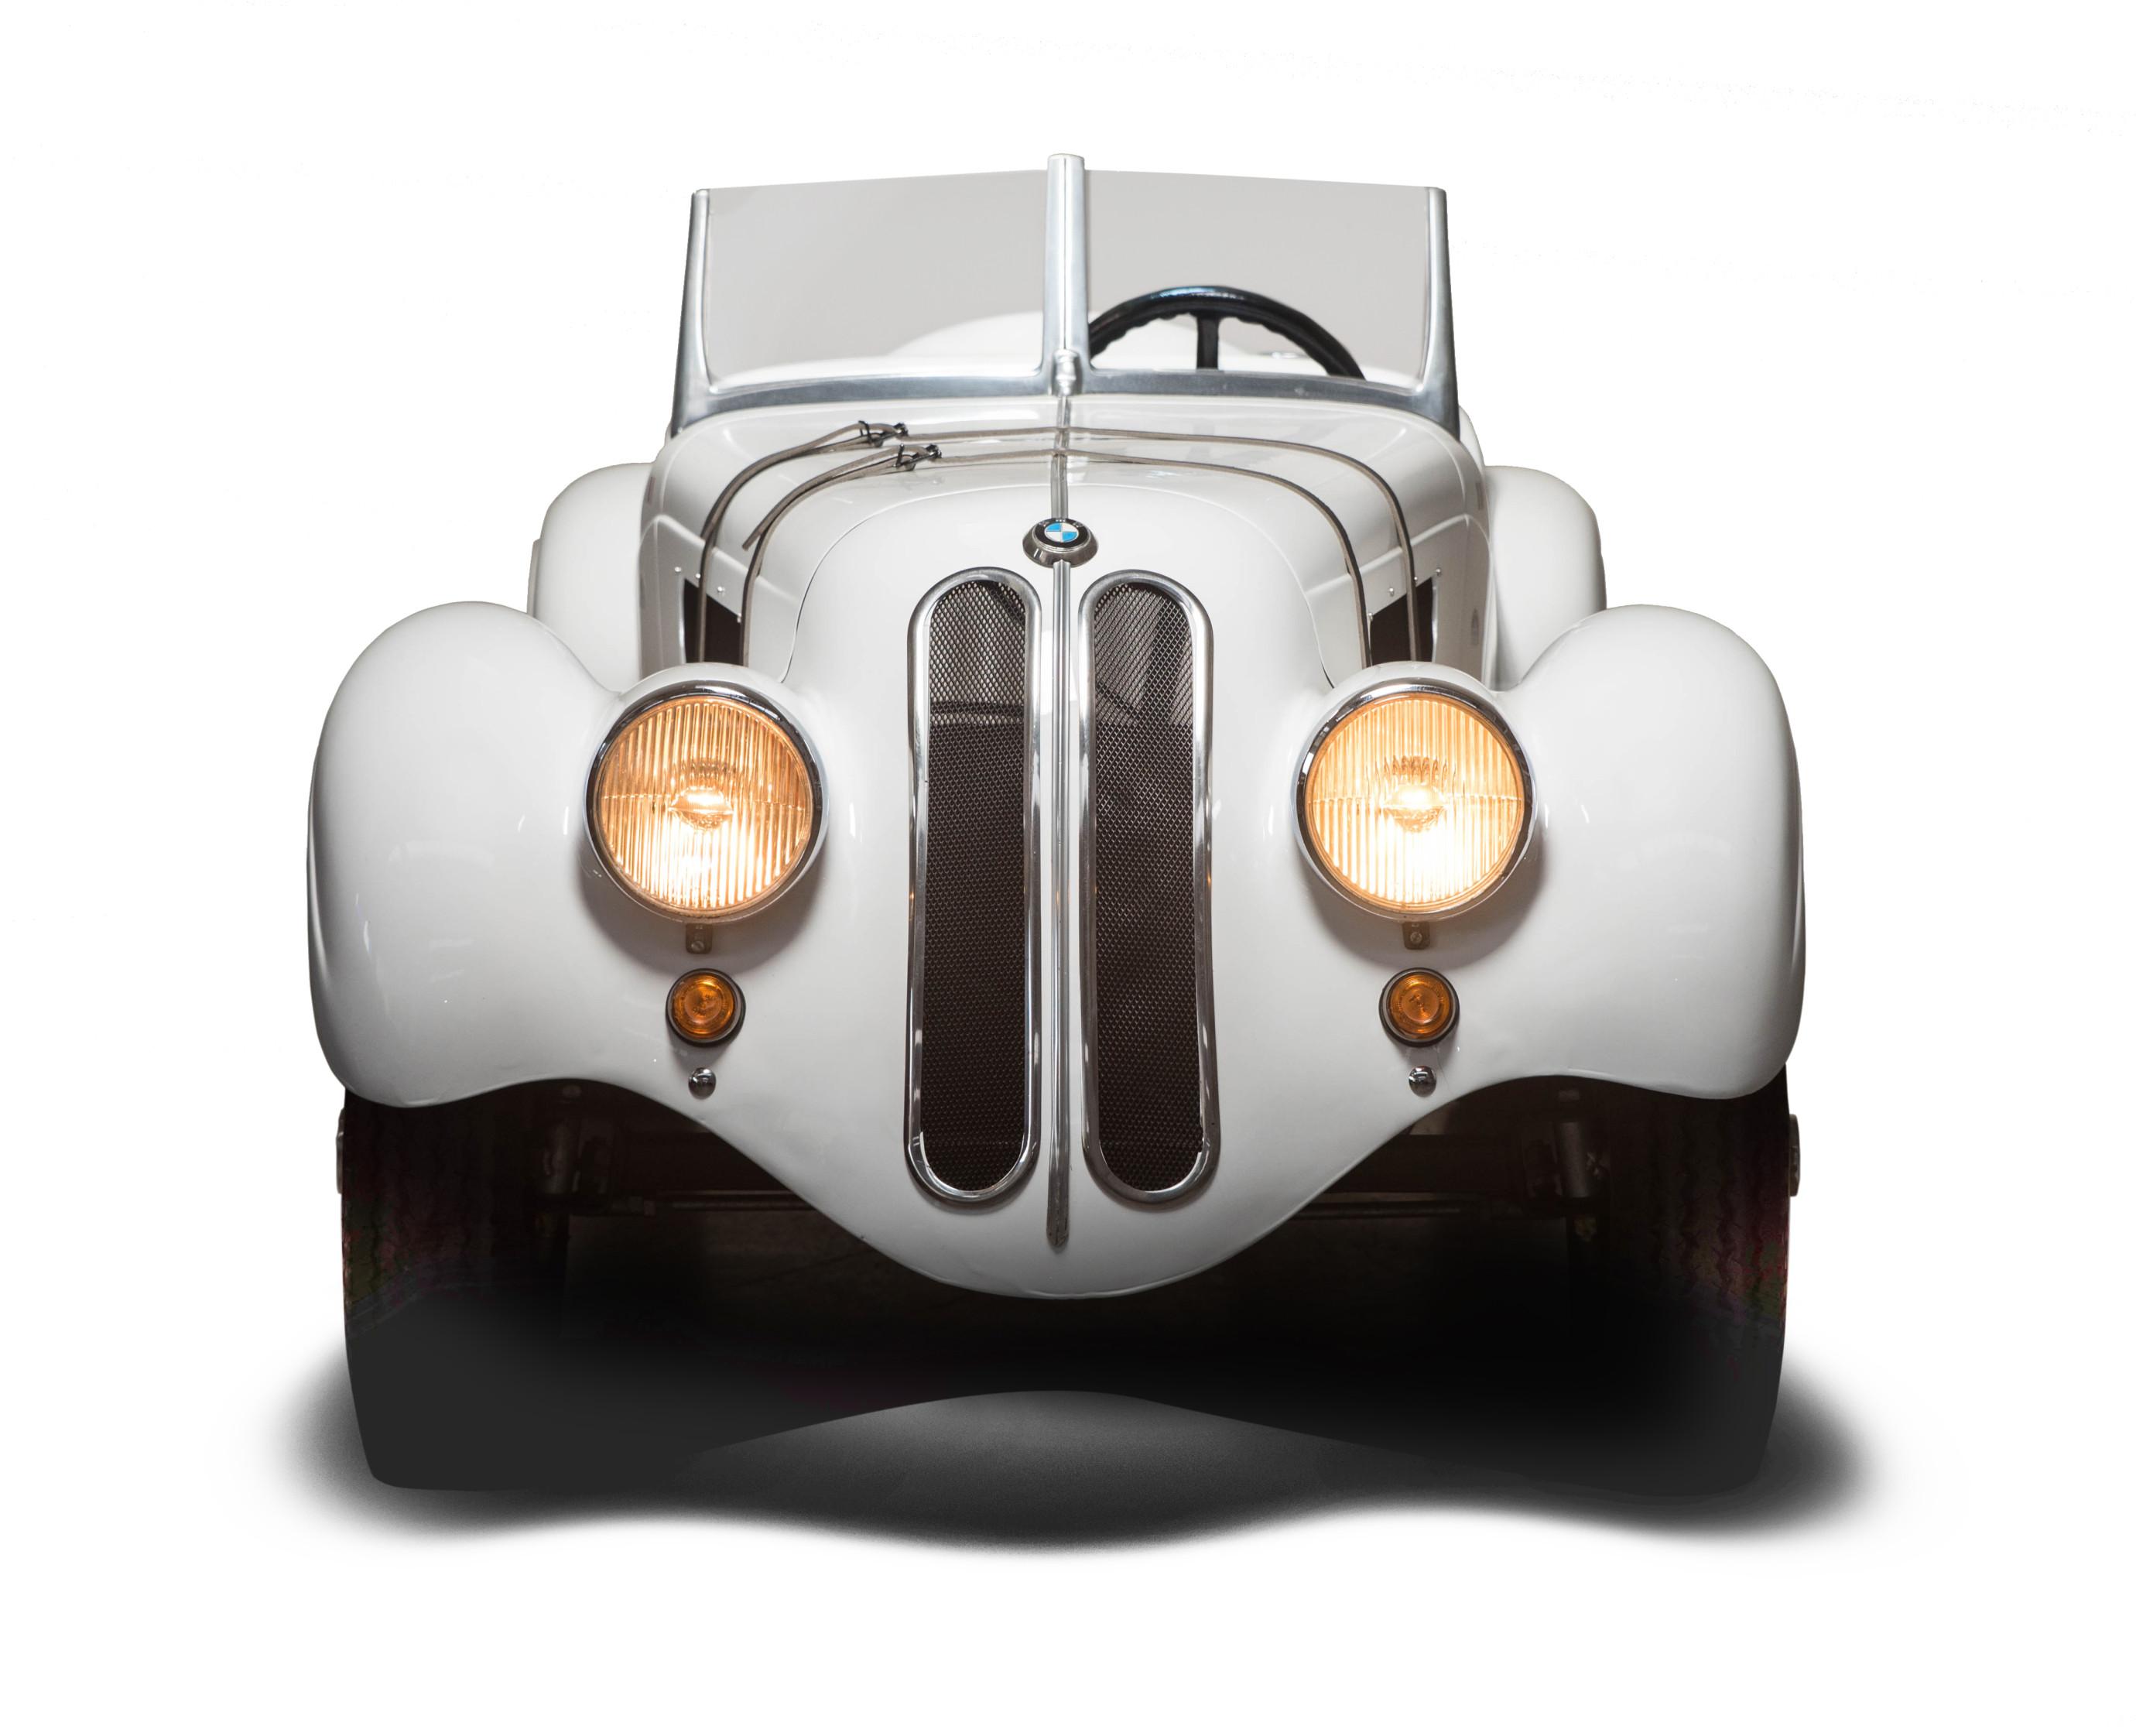 Automobilia_Tussenbeeld02.jpg